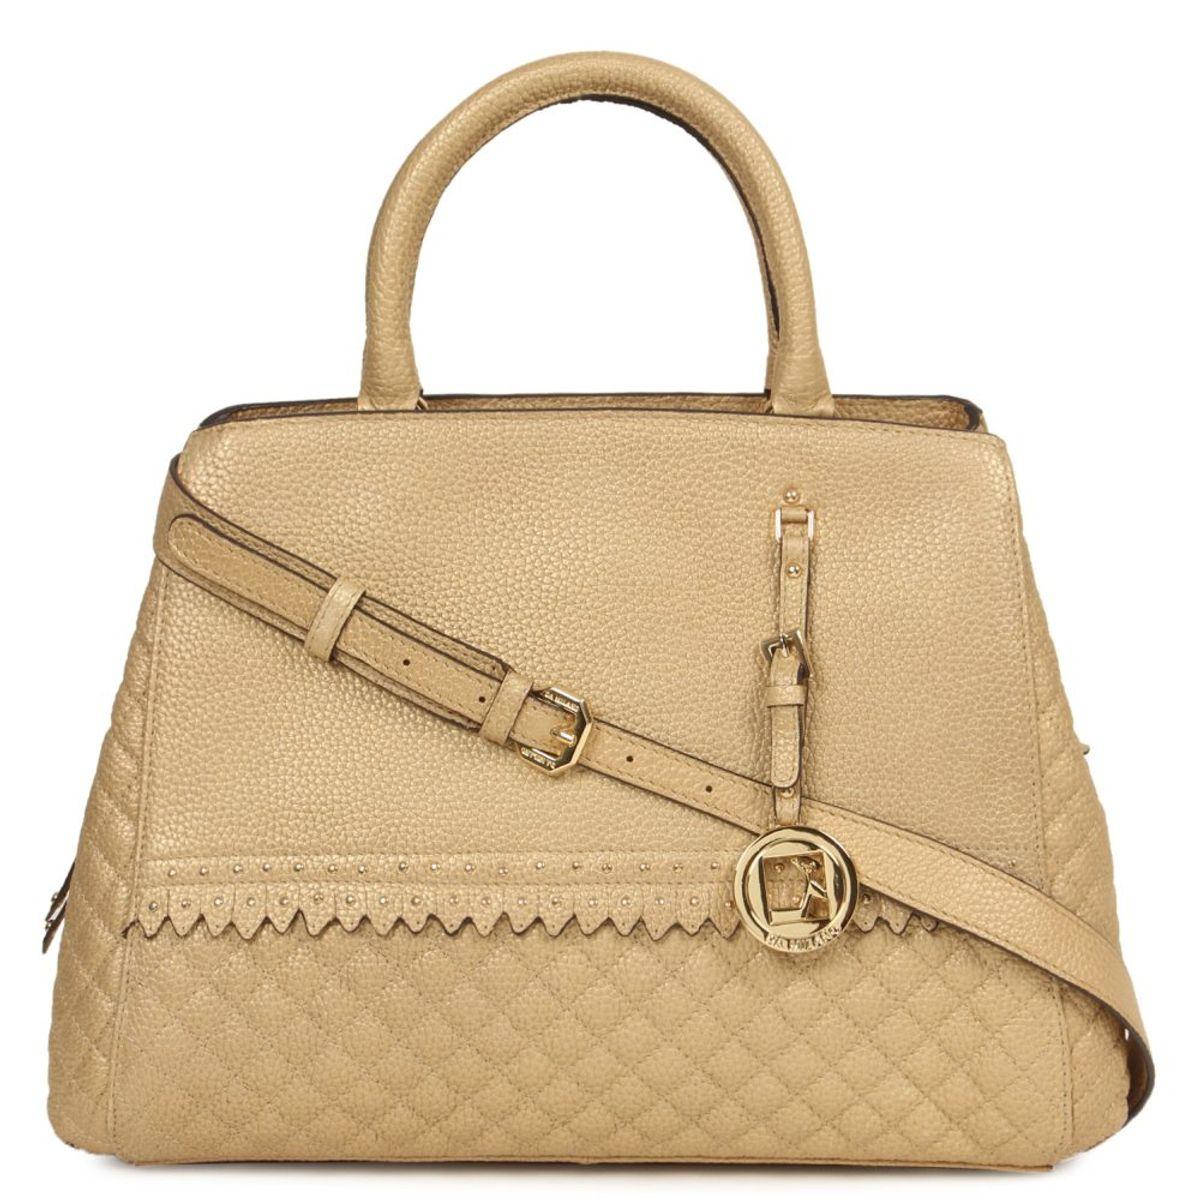 1f27237af8641 Da Milano Light Gold Top Handle Bag